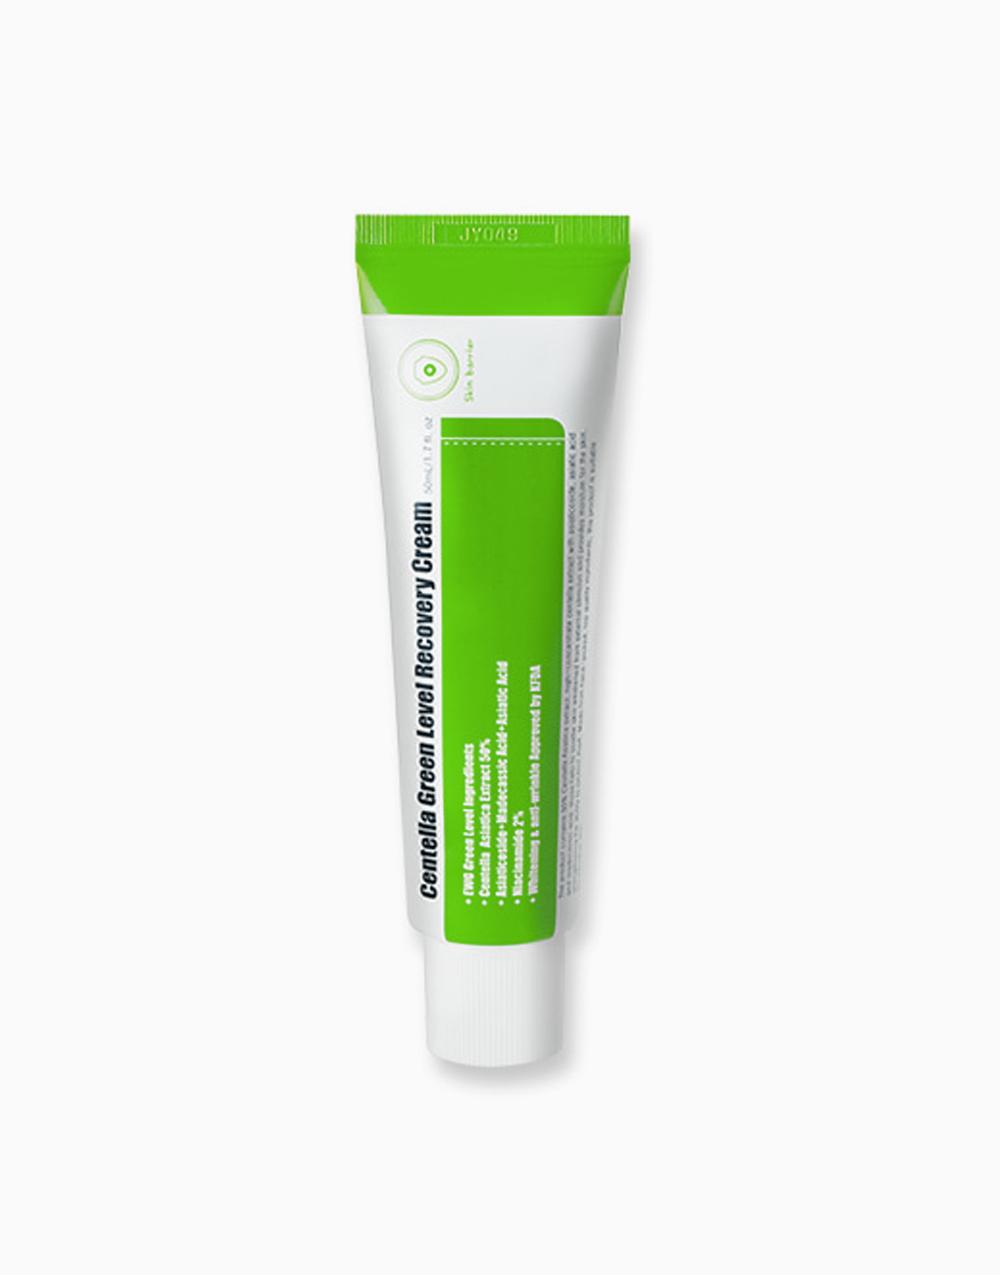 Centella Green Level Recovery Cream by Purito